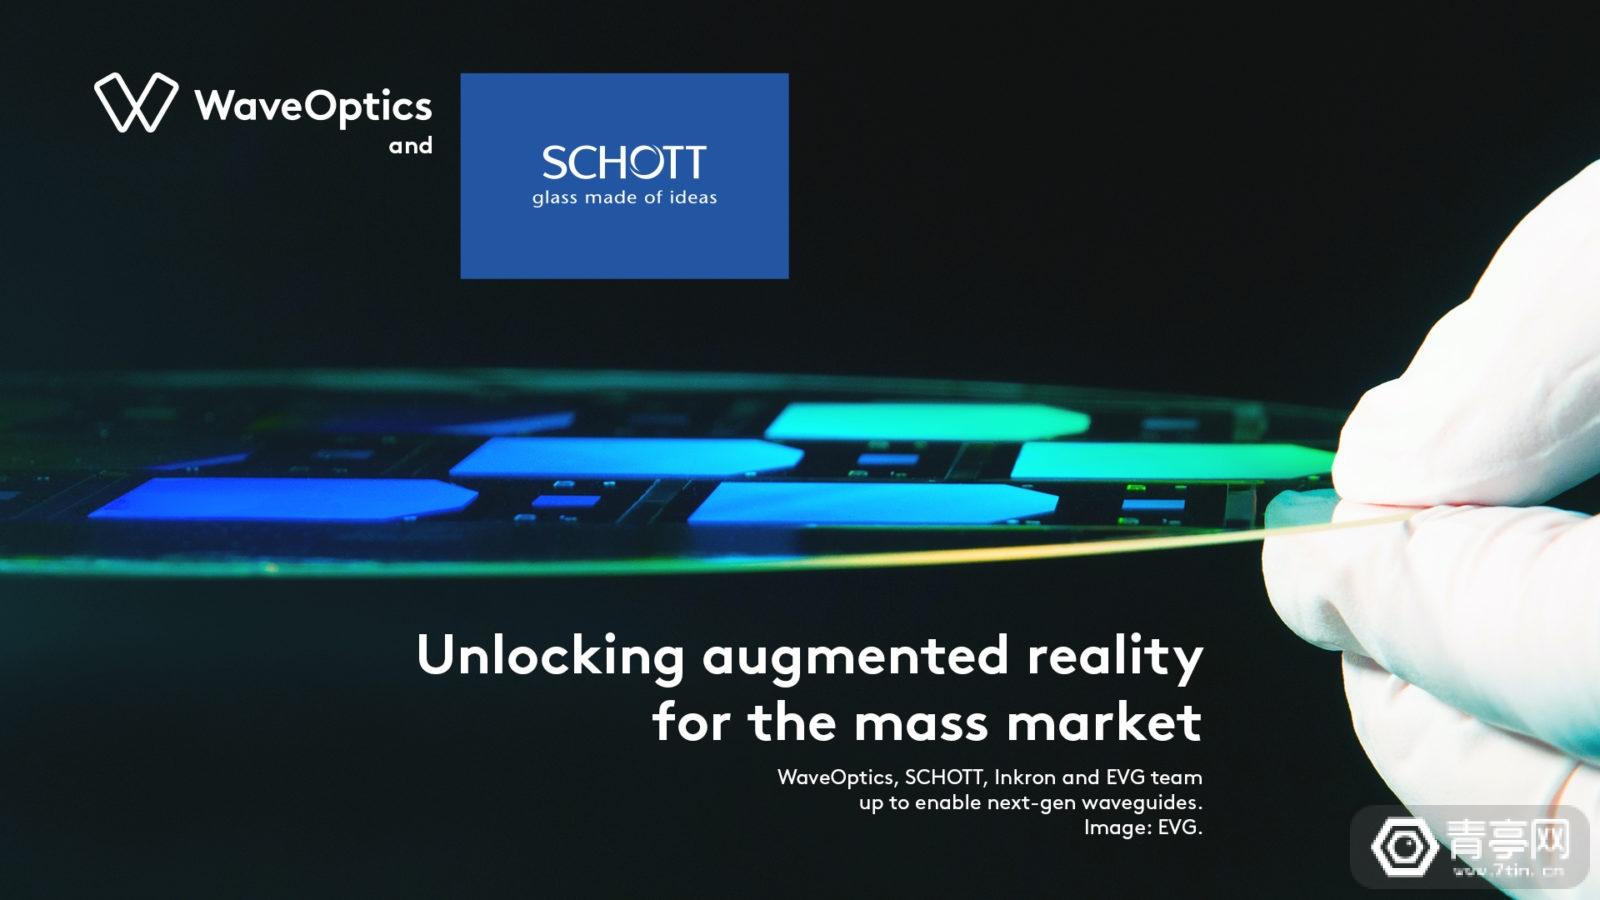 肖特与WaveOptics、EGV、Inkron合作,量产树脂光波导模组